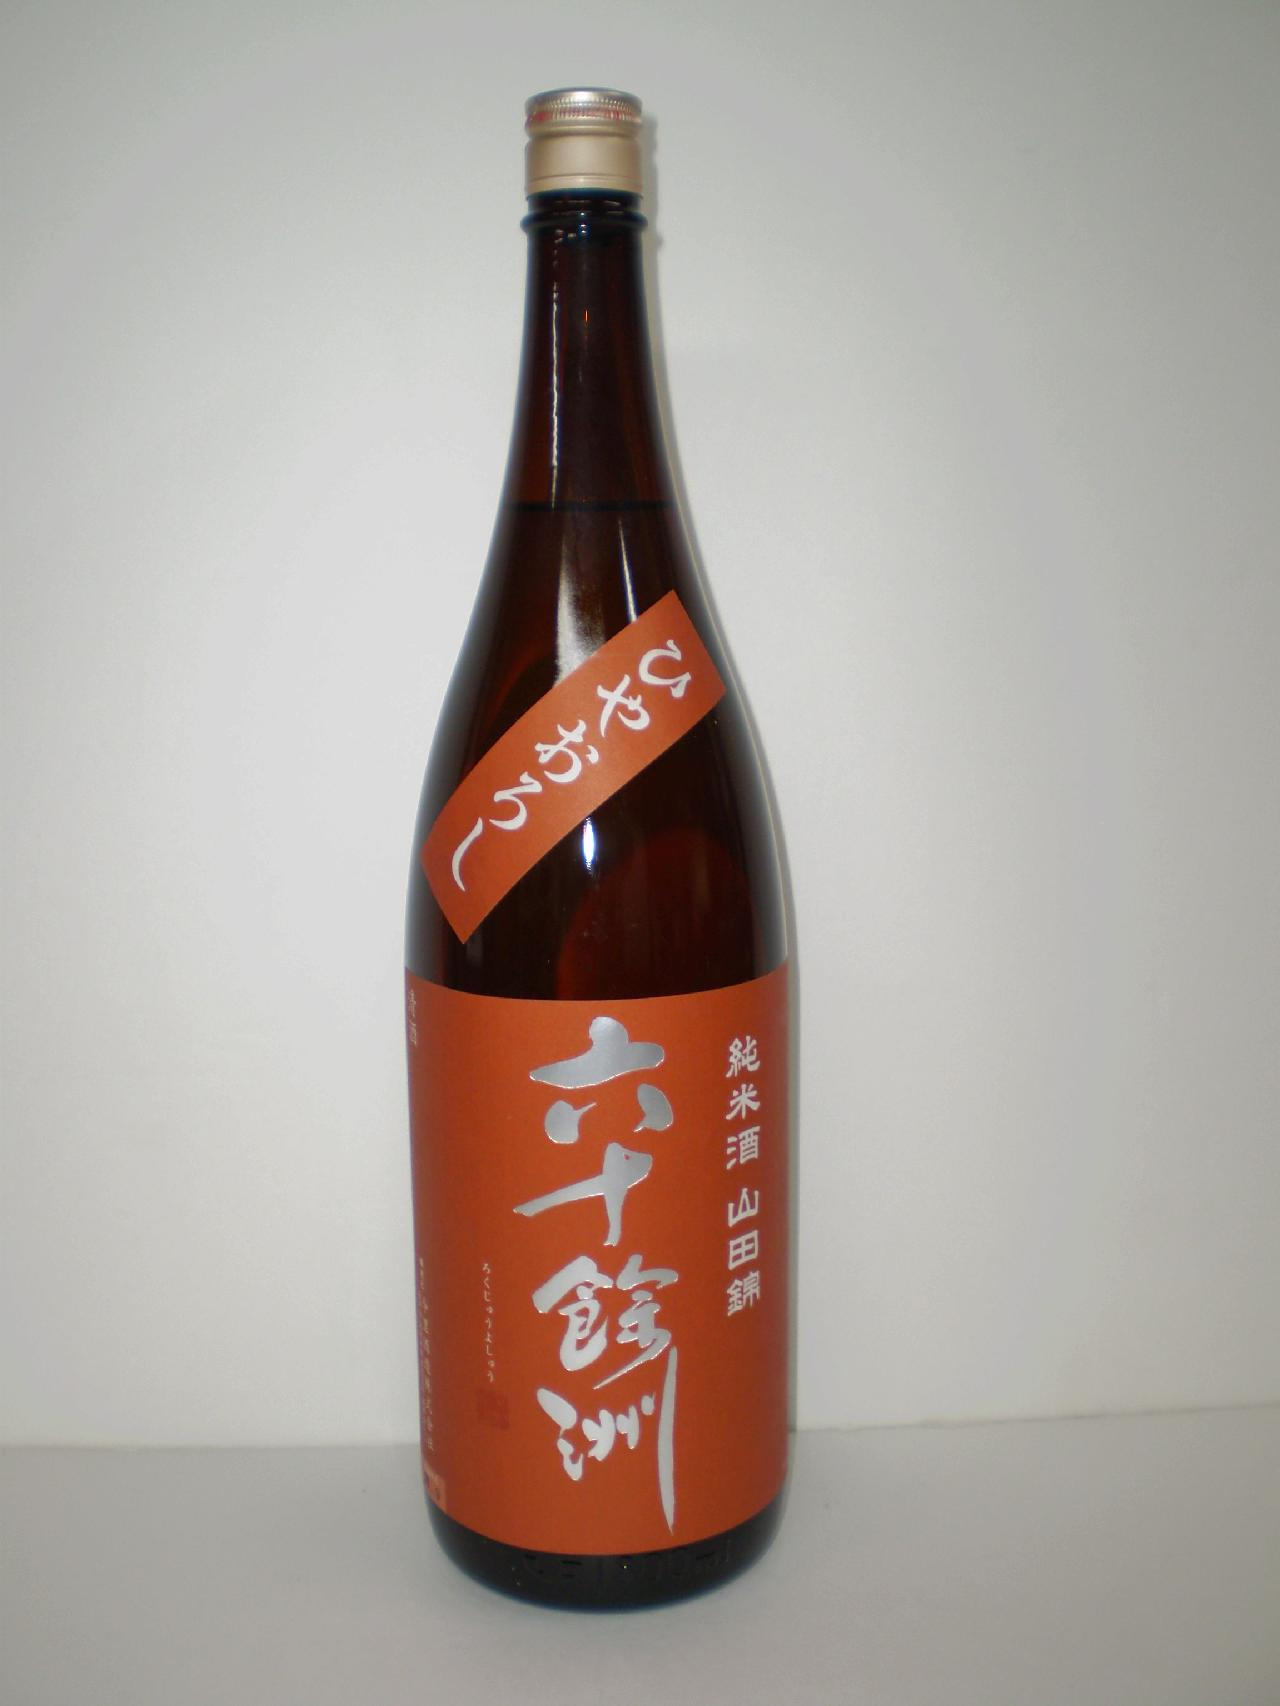 六十餘洲 純米ひやおろし 1800ml 今里酒造